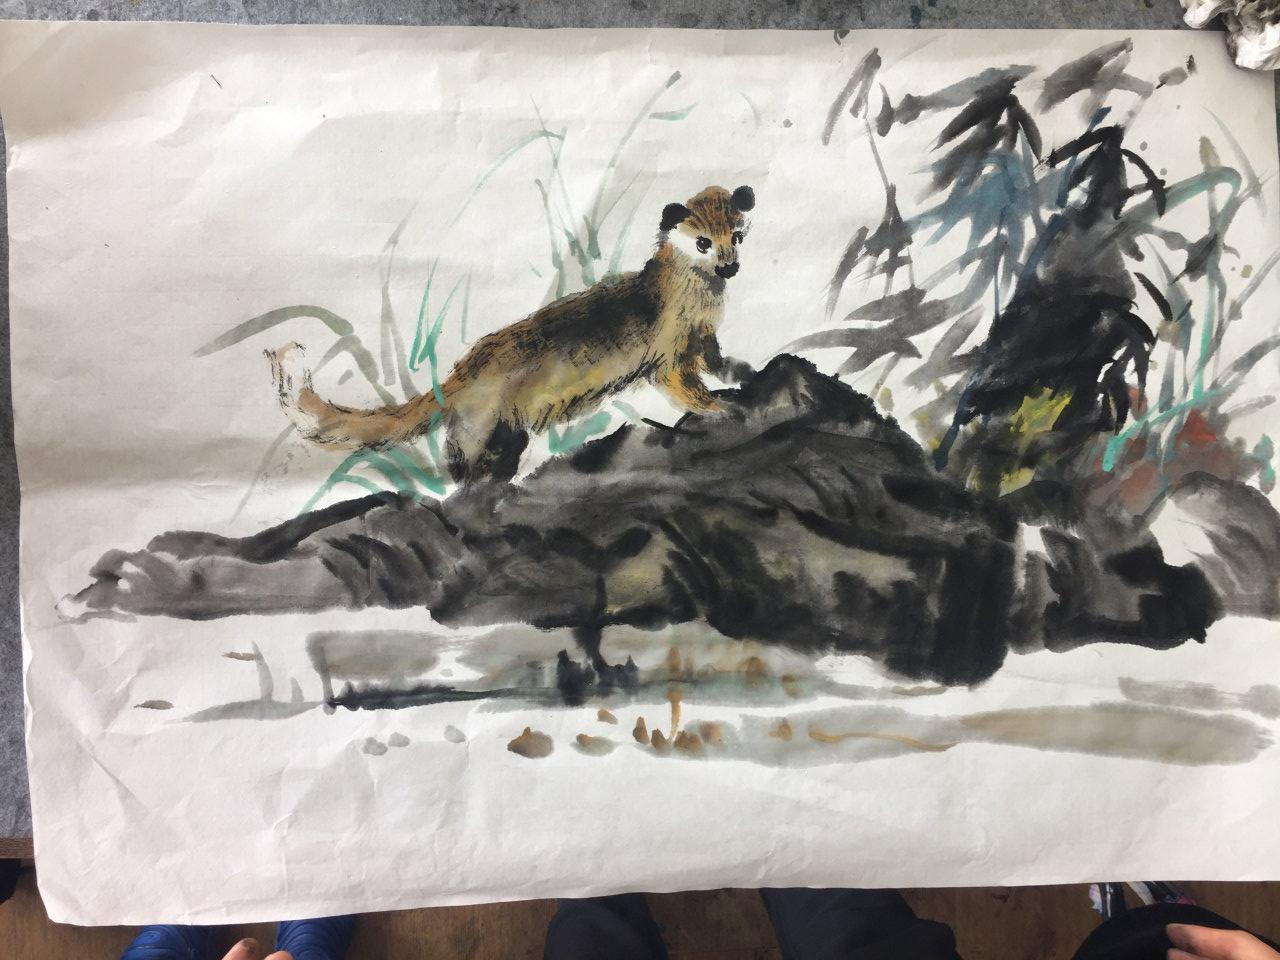 a weasel in garden